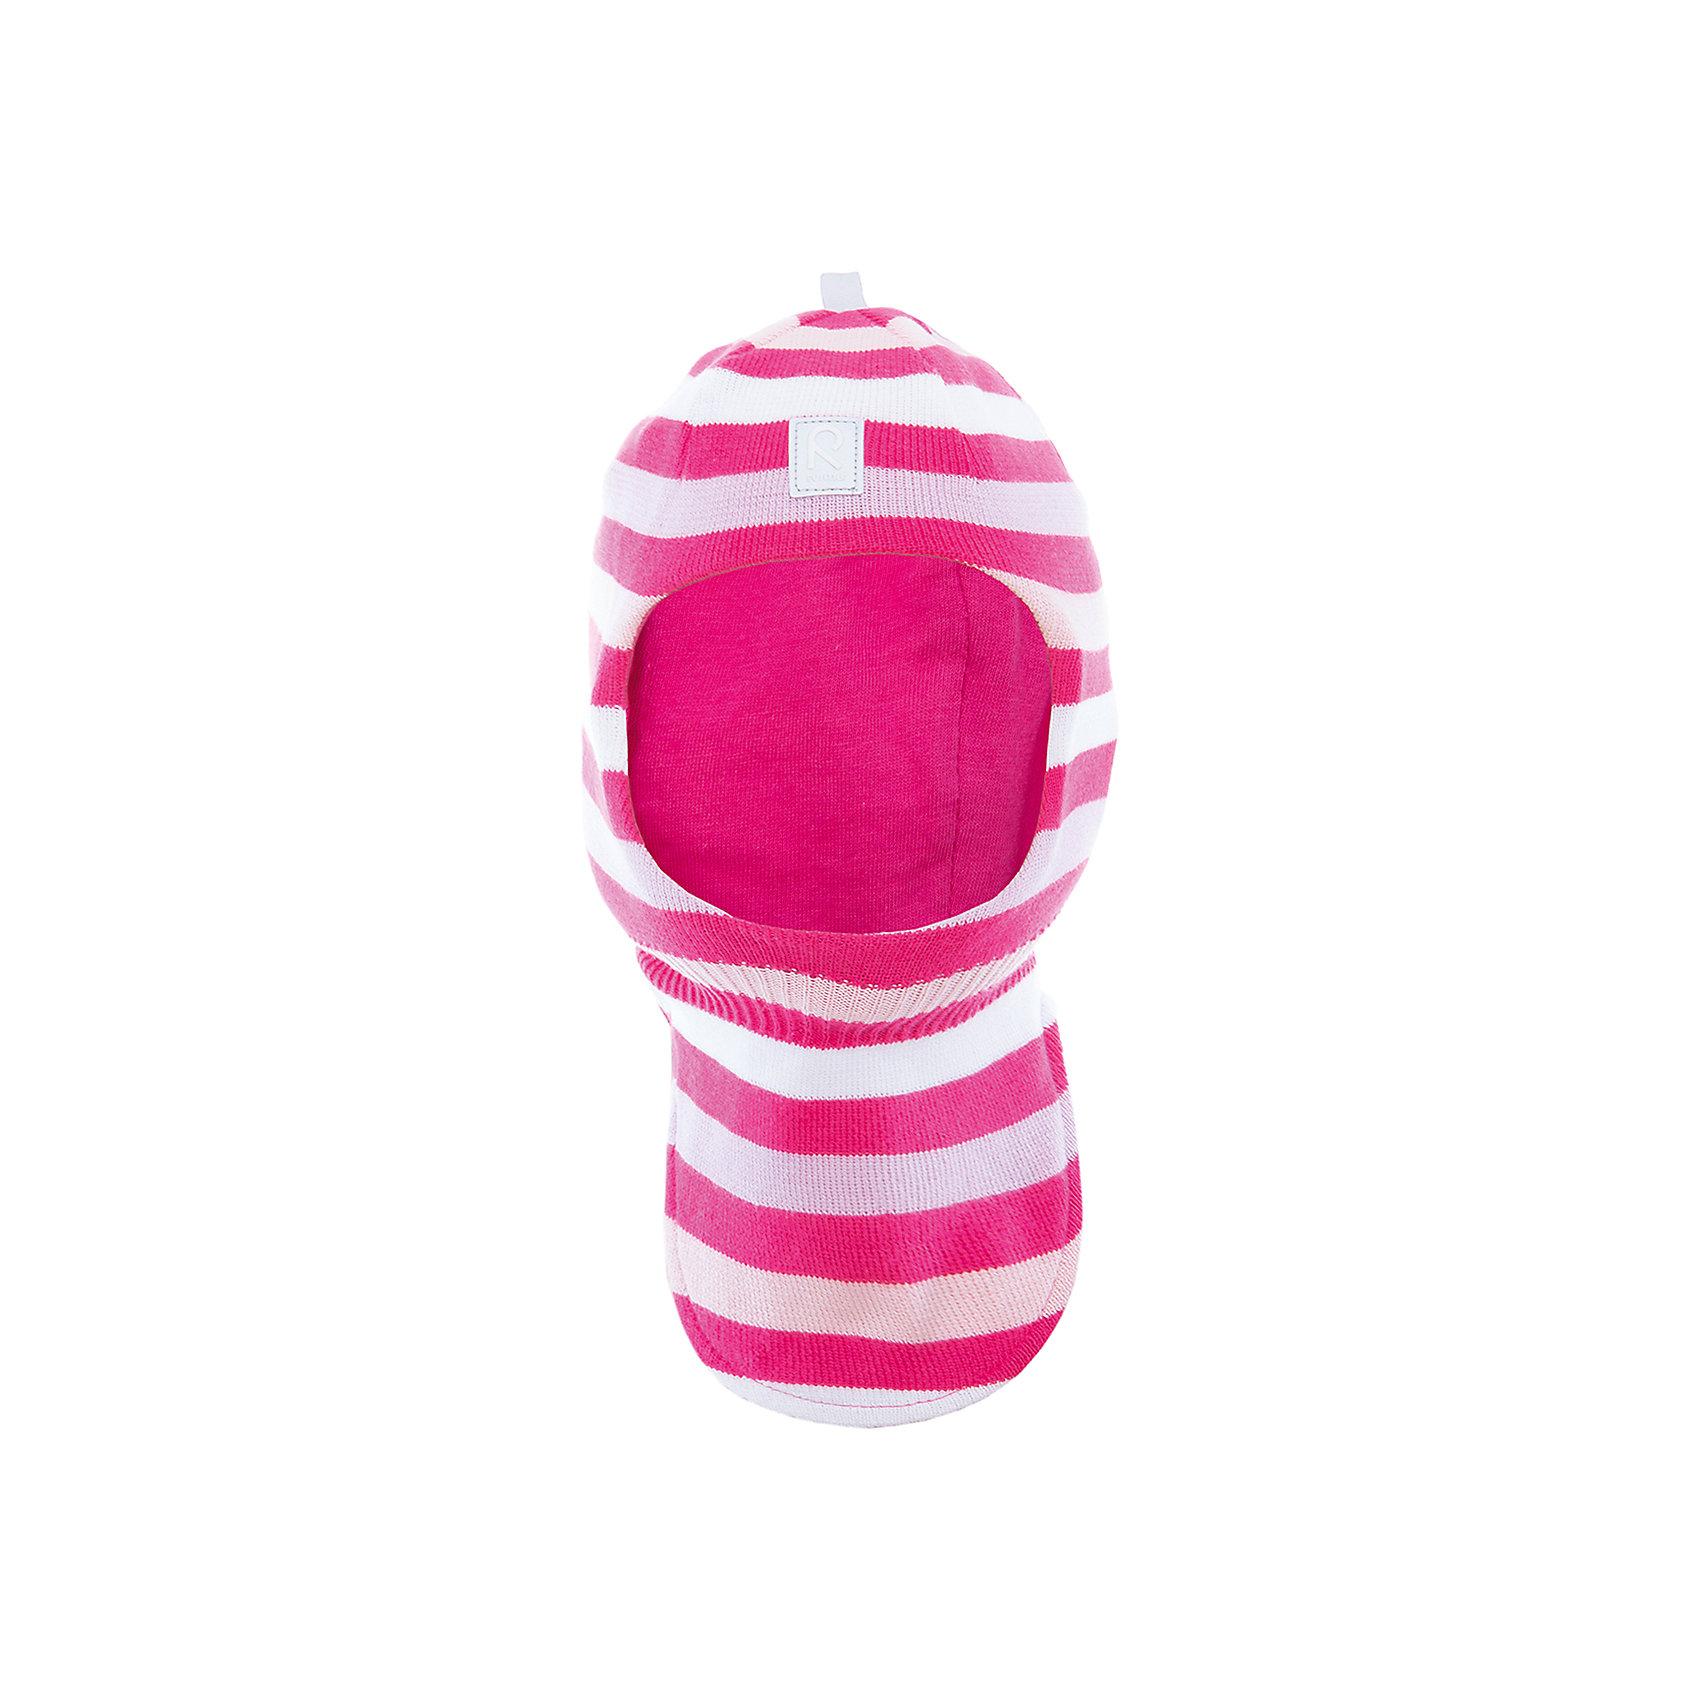 Шапка-шлем Ades ReimaШапки и шарфы<br>Характеристики товара:<br><br>• цвет: розовый/белый<br>• состав: 100% хлопок<br>• сплошная подкладка из хлопкового трикотажа<br>• температурный режим: от 0С<br>• эластичный хлопковый трикотаж<br>• изделие сертифицированно по стандарту Oeko-Tex на продукцию класса 1 - одежда для новорождённых<br>• эмблема Reima спереди<br>• светоотражающие детали<br>• страна бренда: Финляндия<br>• страна производства: Китай<br><br>Детский головной убор может быть модным и удобным одновременно! Стильная шапка поможет обеспечить ребенку комфорт и дополнить наряд. Шапка удобно сидит и аккуратно выглядит. Проста в уходе, долго служит. Стильный дизайн разрабатывался специально для детей. Отличная защита от дождя и ветра!<br><br>Уход:<br><br>• стирать по отдельности, вывернув наизнанку<br>• придать первоначальную форму вo влажном виде<br>• возможна усадка 5 %.<br><br>Шапку-шлем от финского бренда Reima (Рейма) можно купить в нашем интернет-магазине.<br><br>Ширина мм: 89<br>Глубина мм: 117<br>Высота мм: 44<br>Вес г: 155<br>Цвет: розовый<br>Возраст от месяцев: 6<br>Возраст до месяцев: 9<br>Пол: Унисекс<br>Возраст: Детский<br>Размер: 46,52,50,48<br>SKU: 5265837